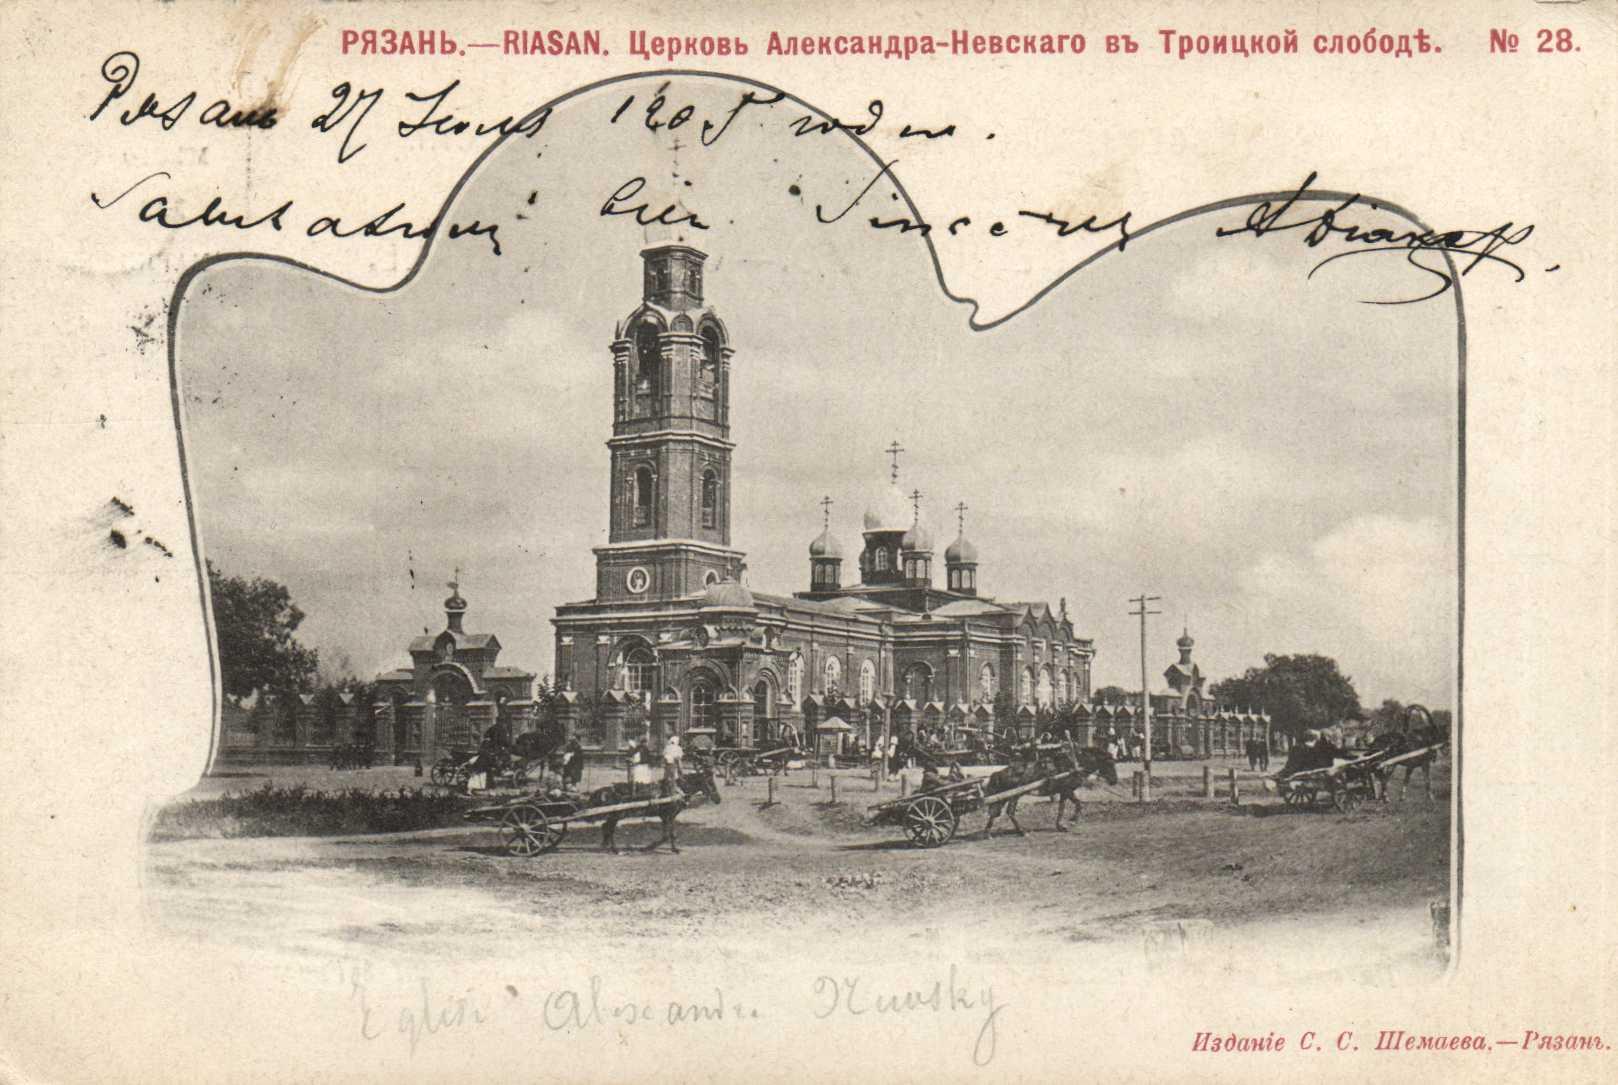 Троицкая слобода. Церковь Александра-Невского